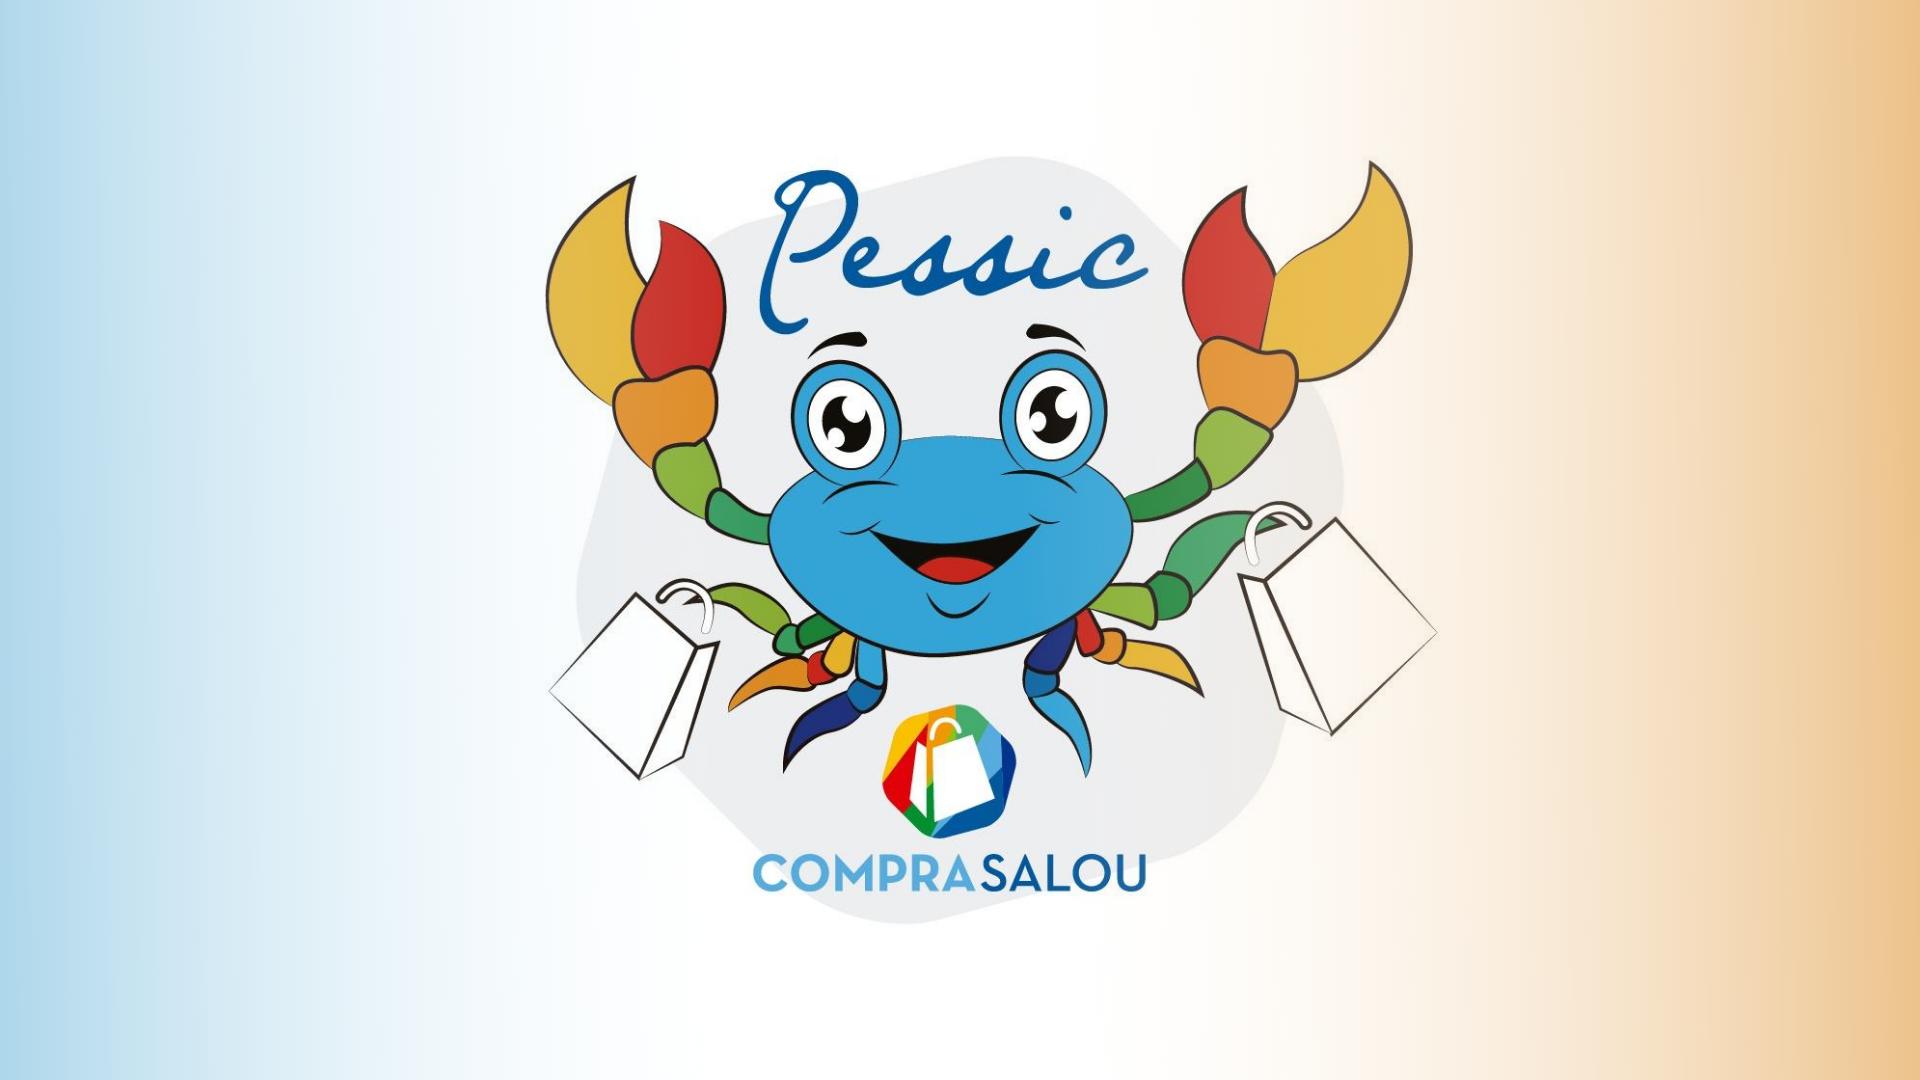 Coneix, amb el 'Pessic', la campanya de promoció digital!